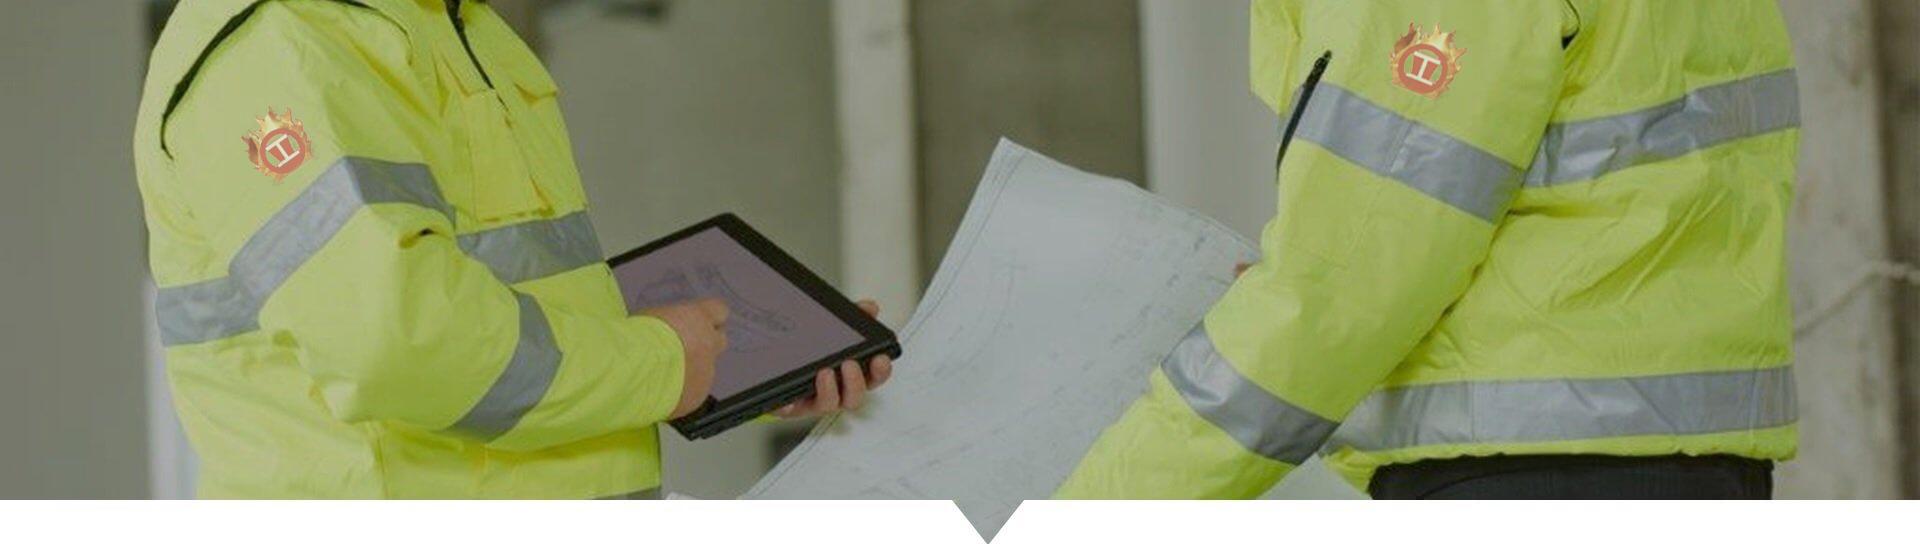 R Lewis on site survey